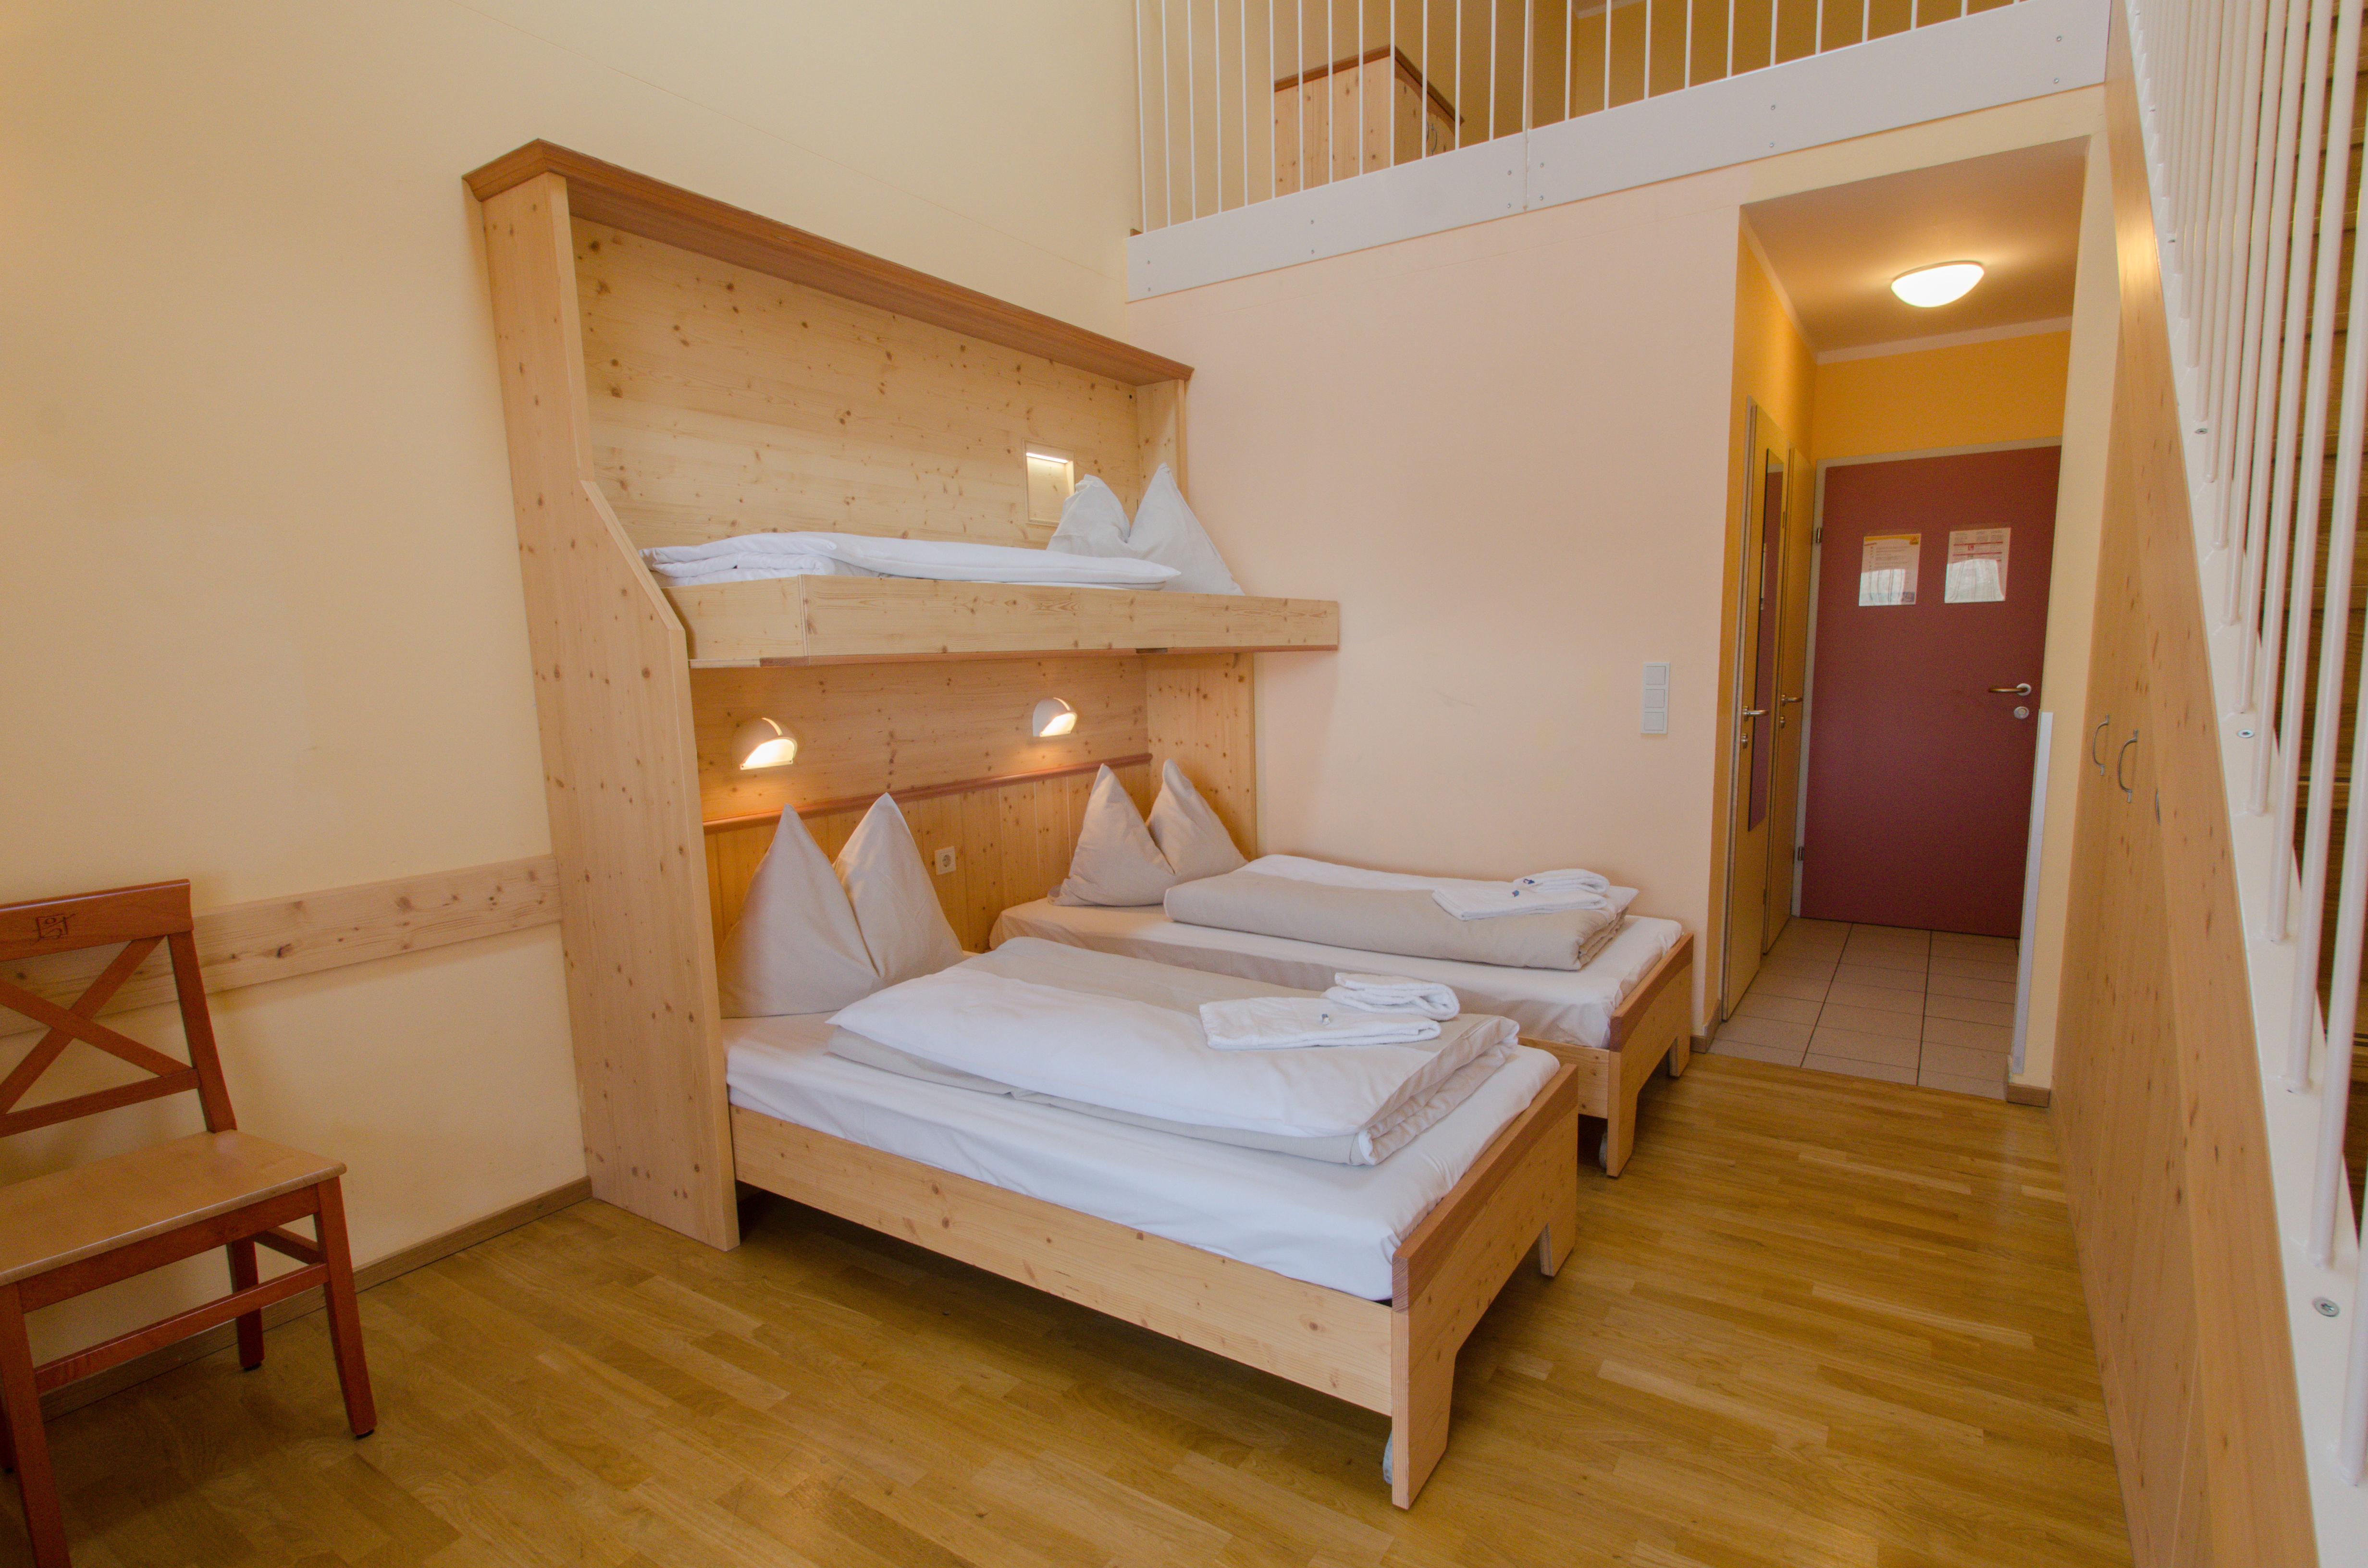 Betten im Galeriezimmer xxxlarge im JUFA Hotel Gitschtal Landerlebnis mit Galerie. Der Ort für kinderfreundlichen und erlebnisreichen Urlaub für die ganze Familie.